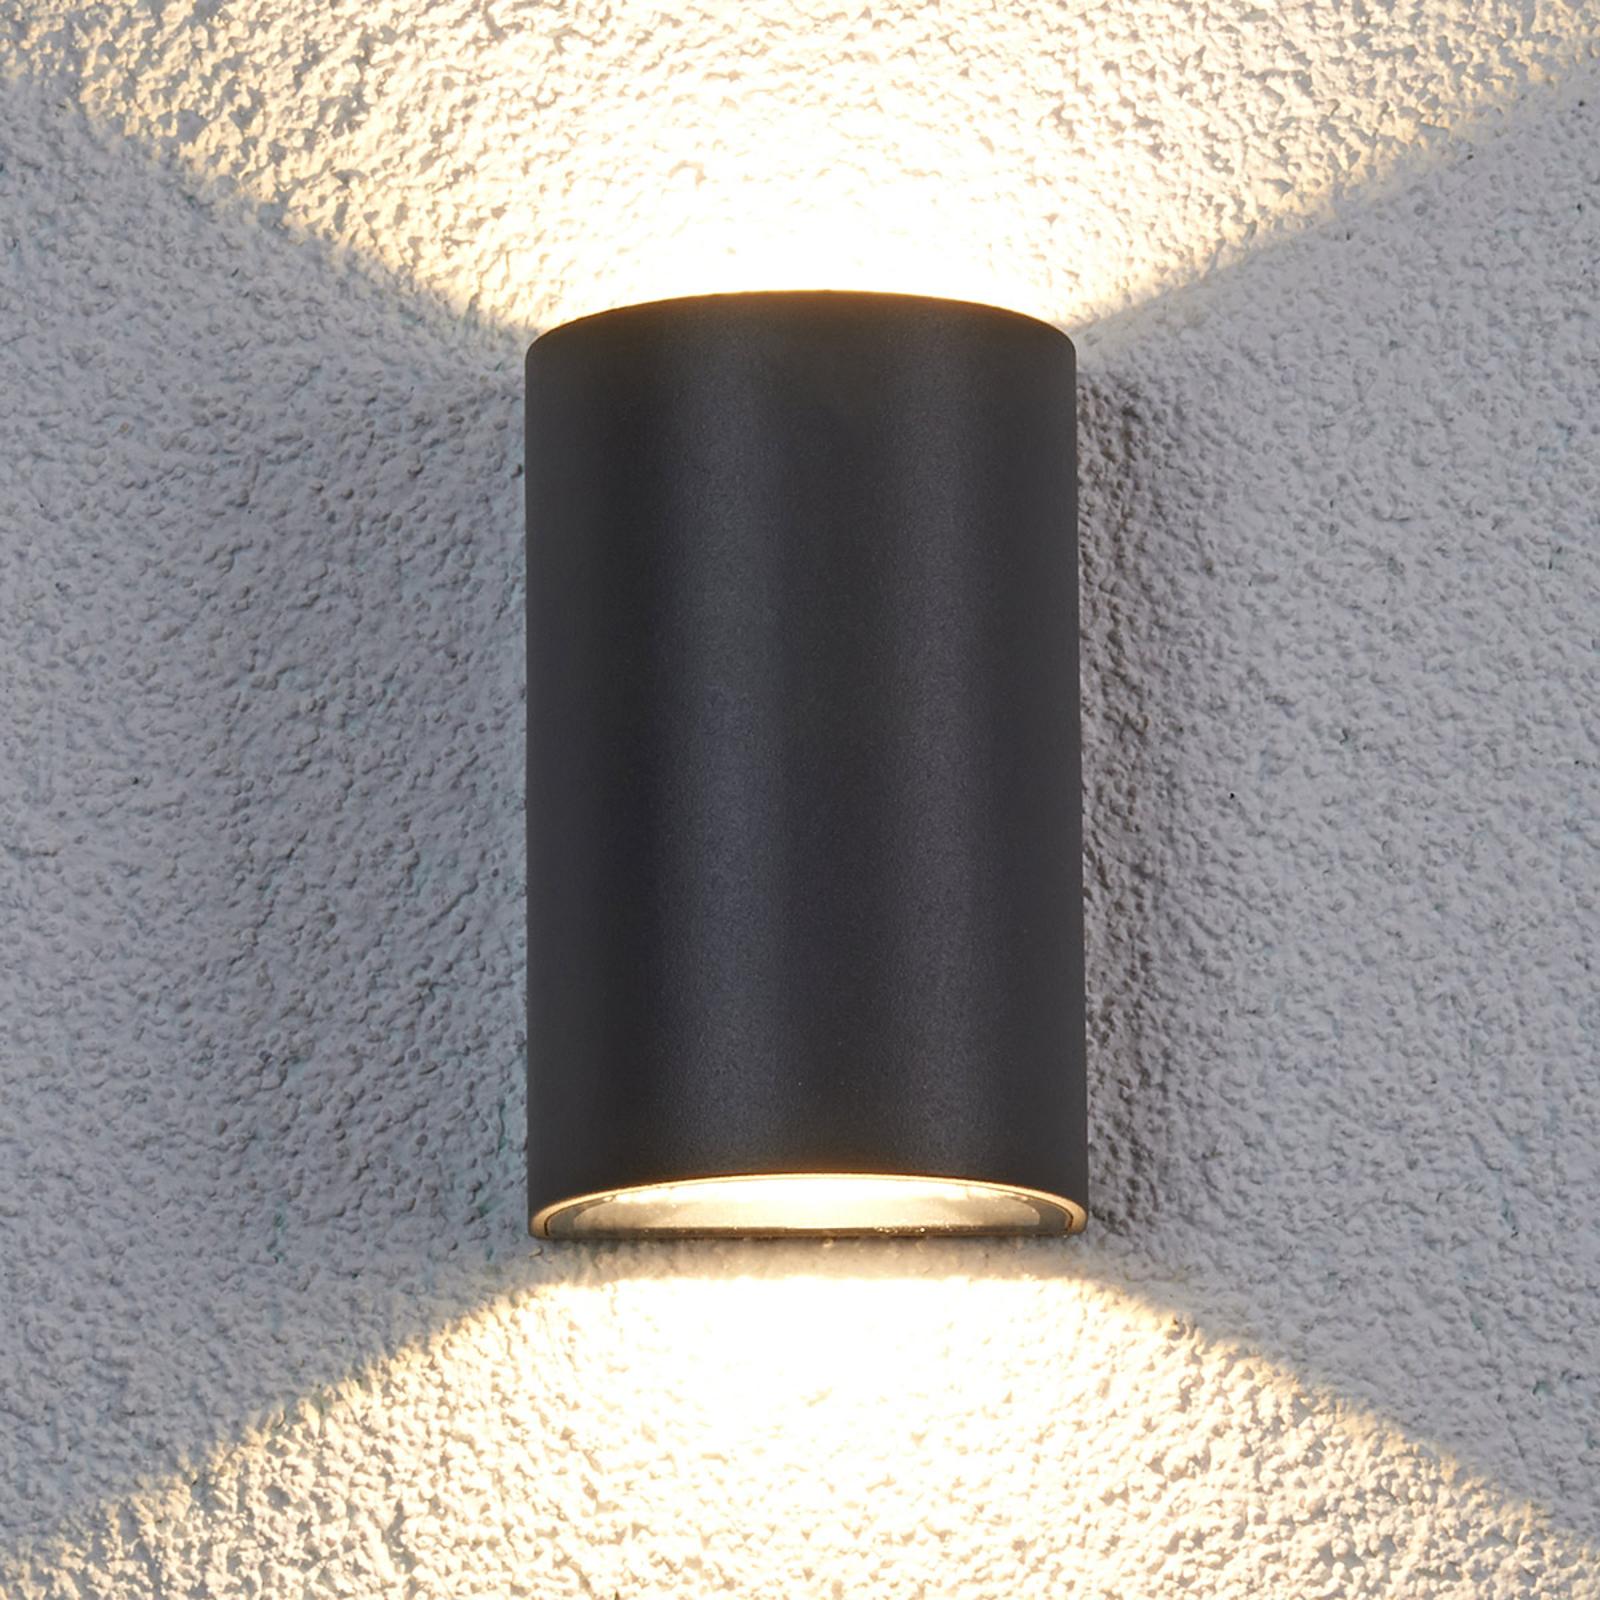 Halvrund udendørs LED væglampe Jale